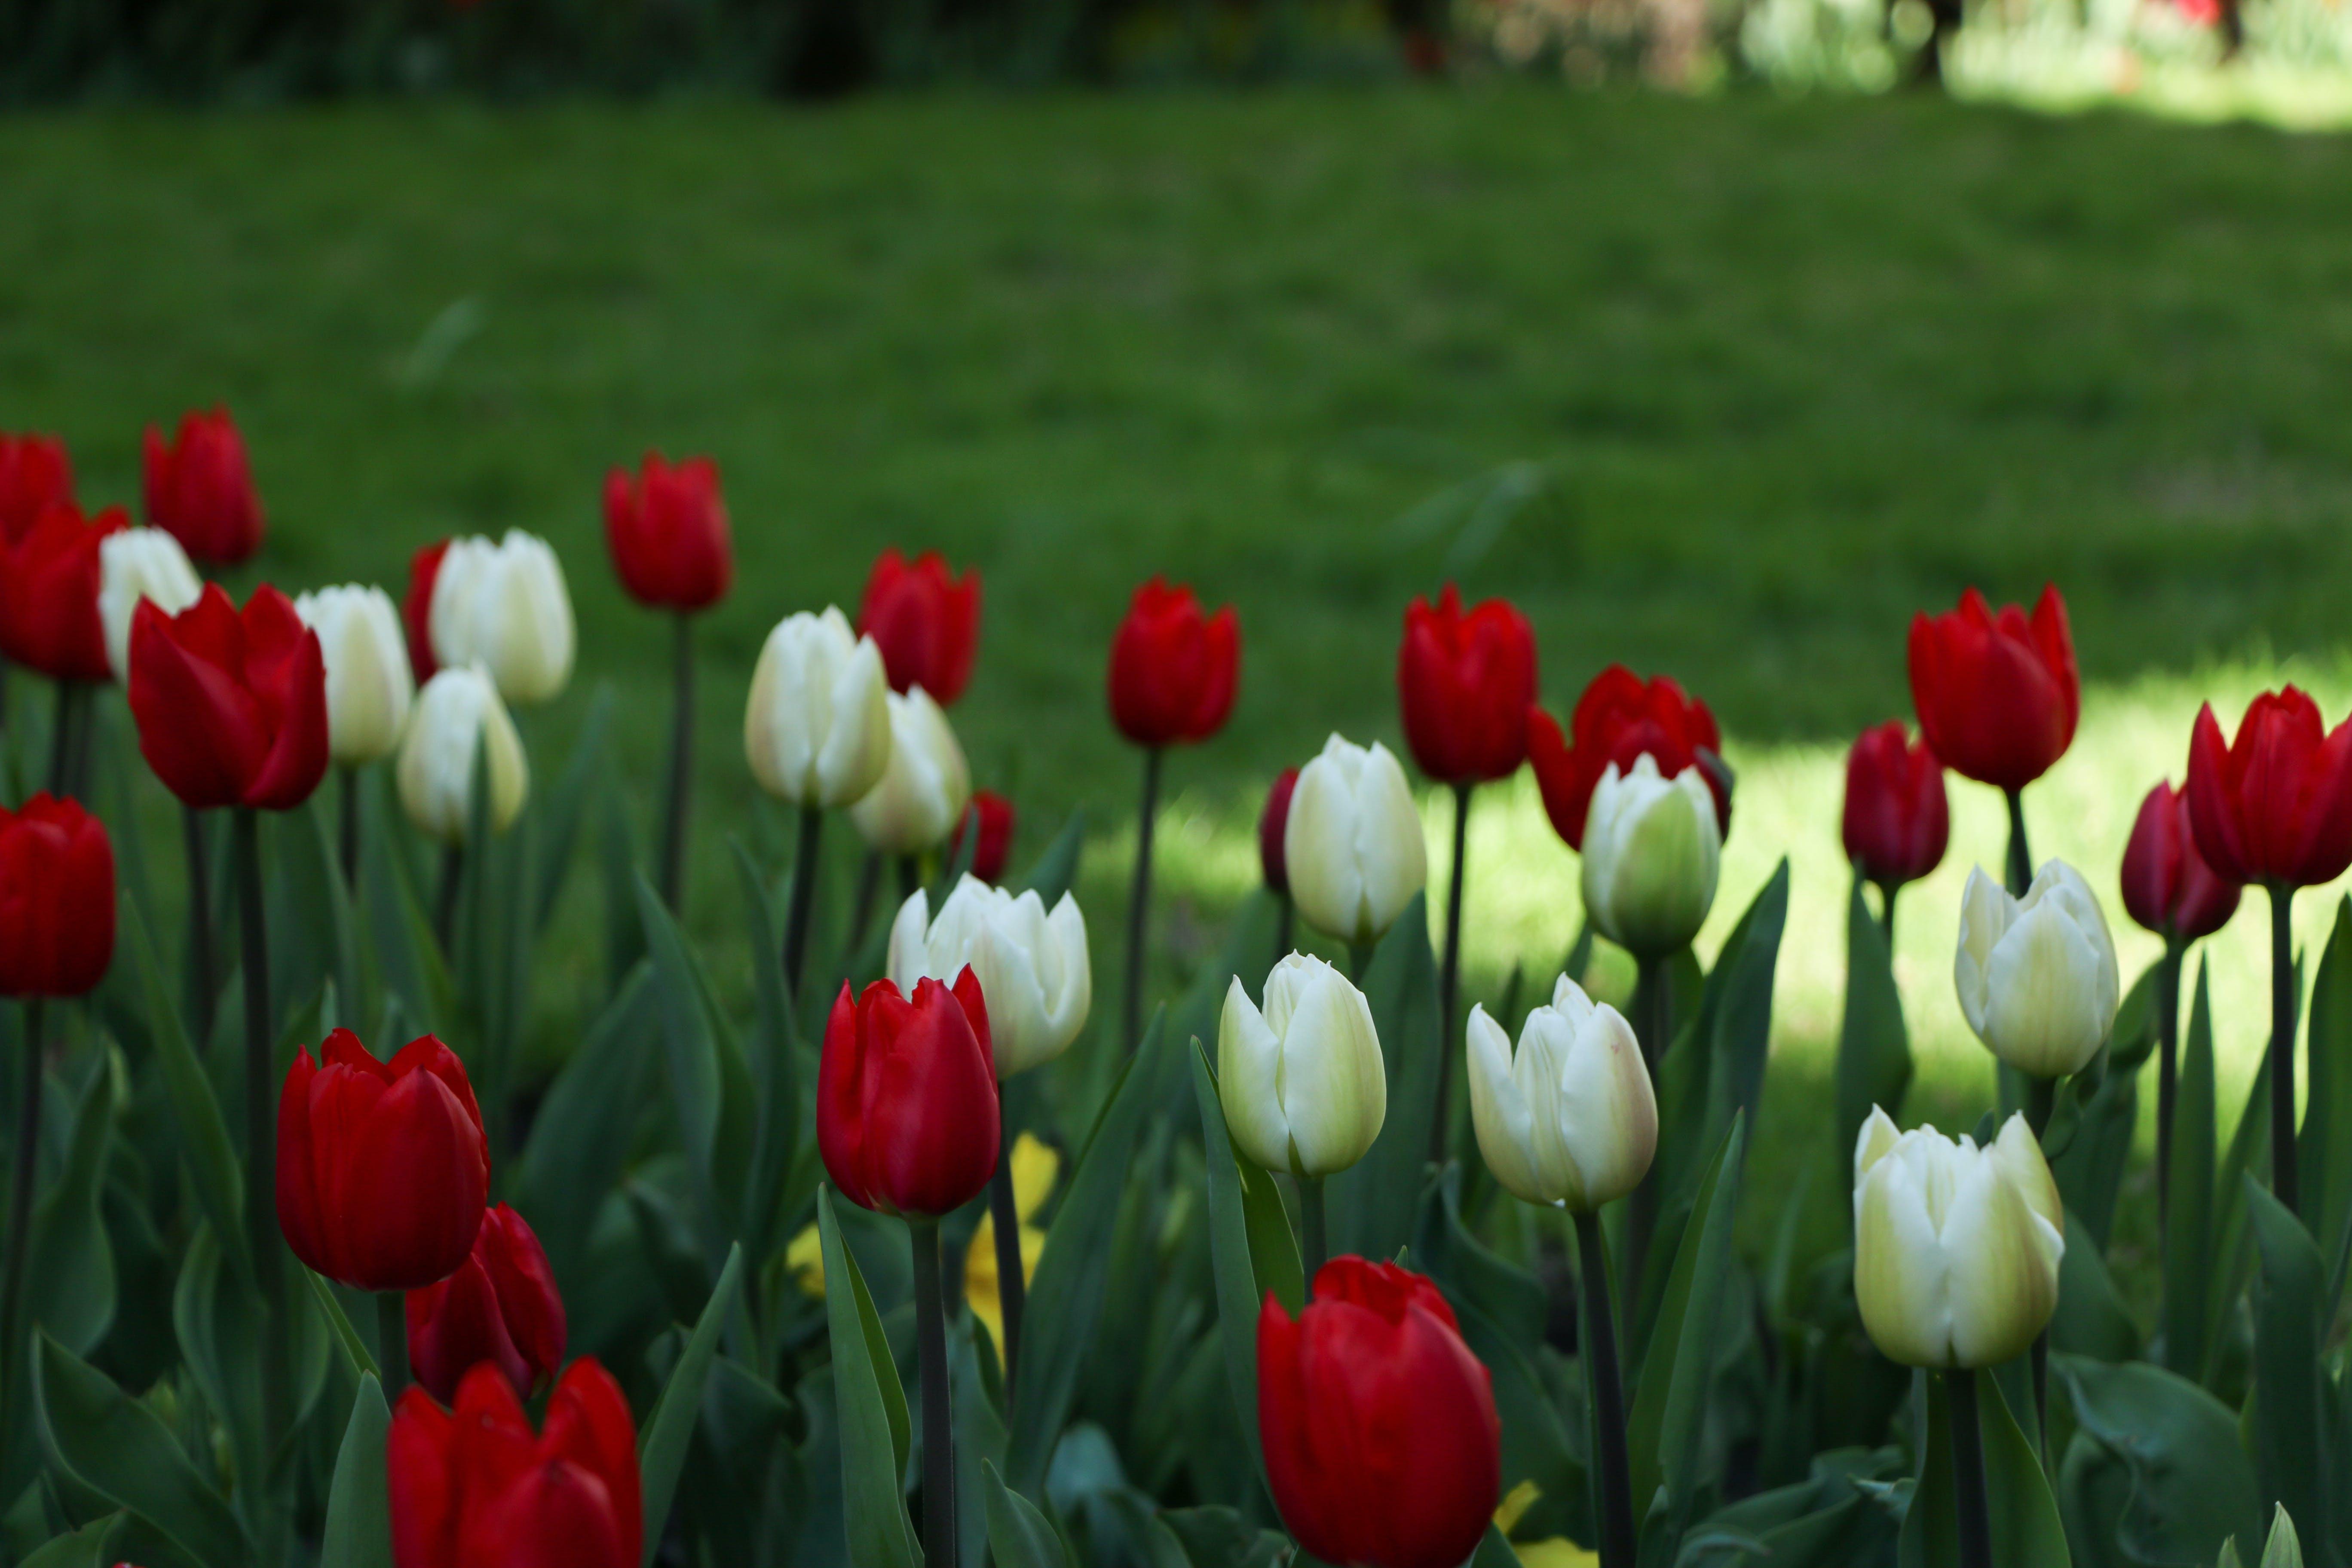 꽃 침대, 대자연, 아름다운 꽃, 자연의 무료 스톡 사진